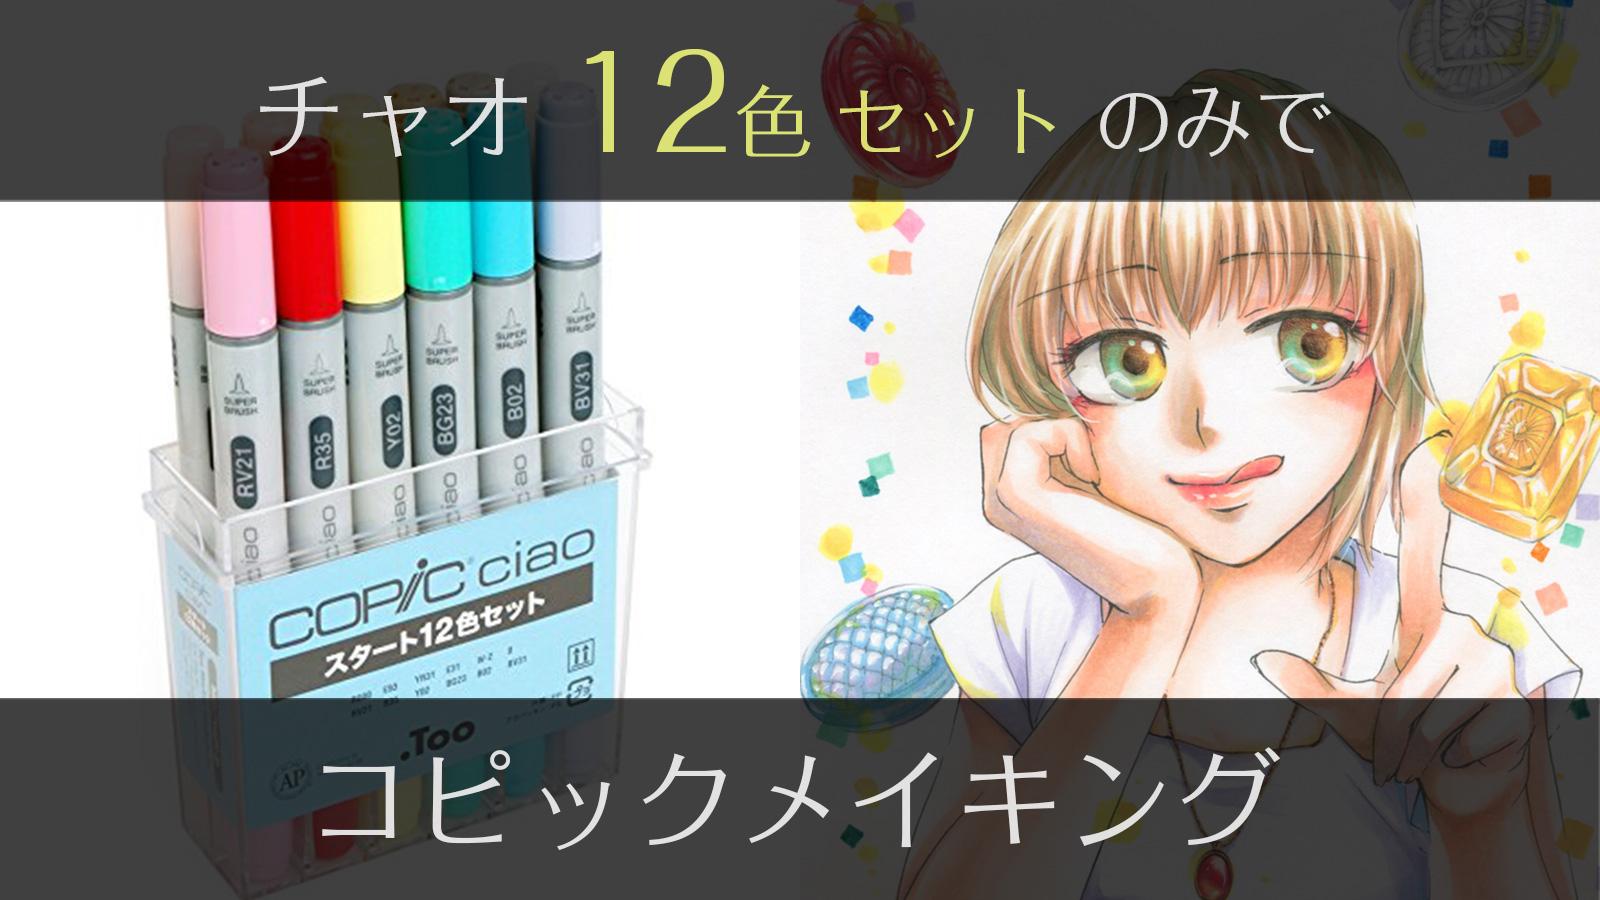 【コピック初心者向けメイキング】チャオ12色セットのみで女の子を塗ってみた(動画あり)